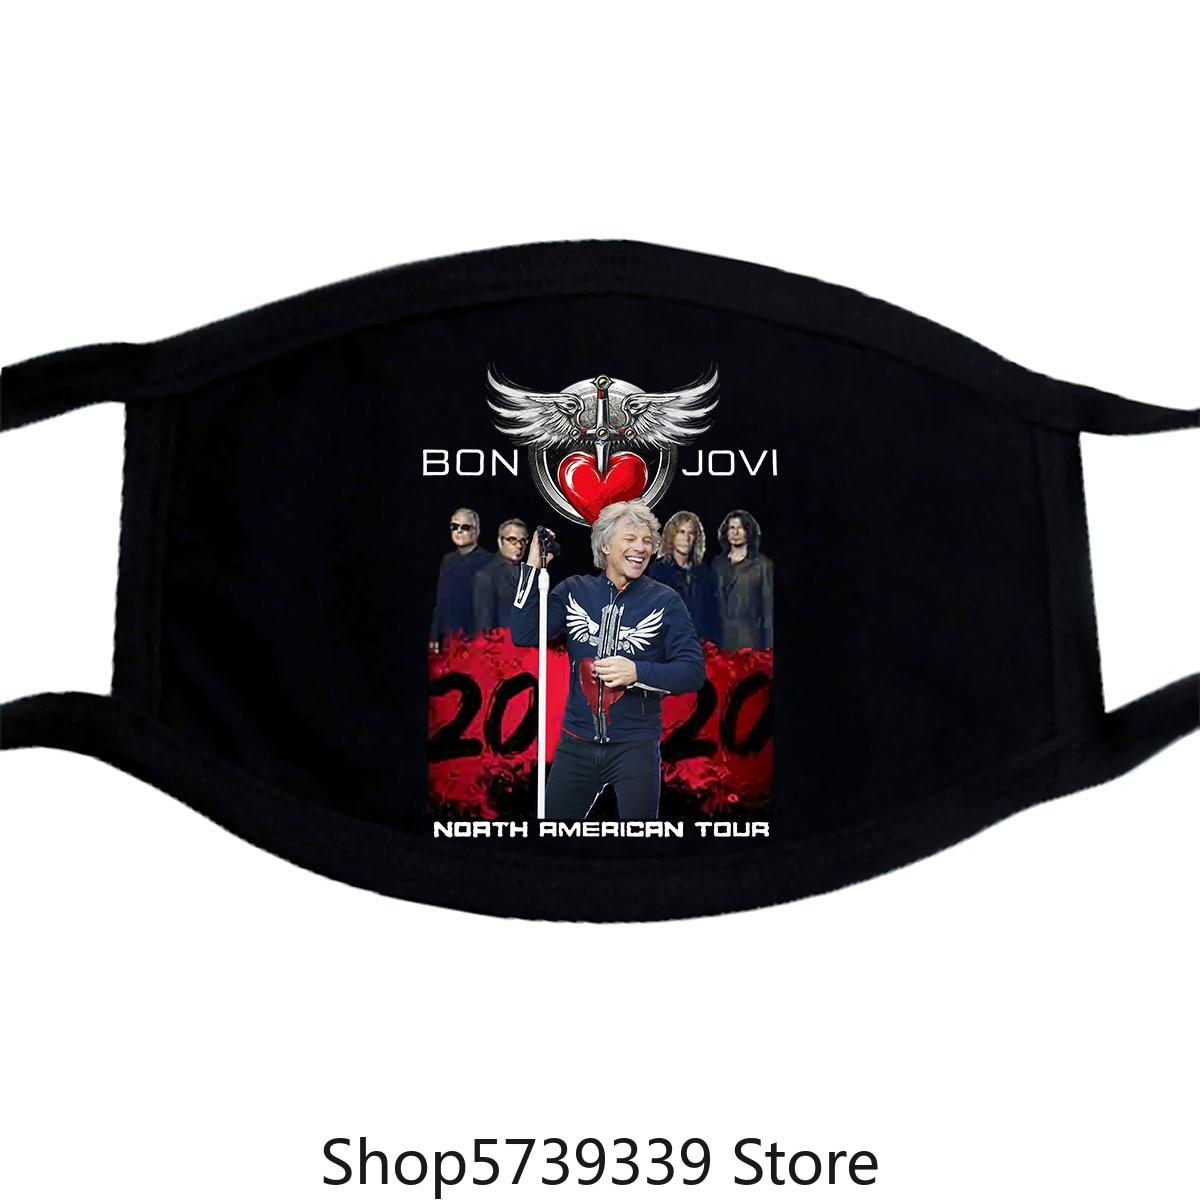 Bon Jovi And Bryan Adams 2020 Concert Tour Cotton Mask Washable Reusable Mask